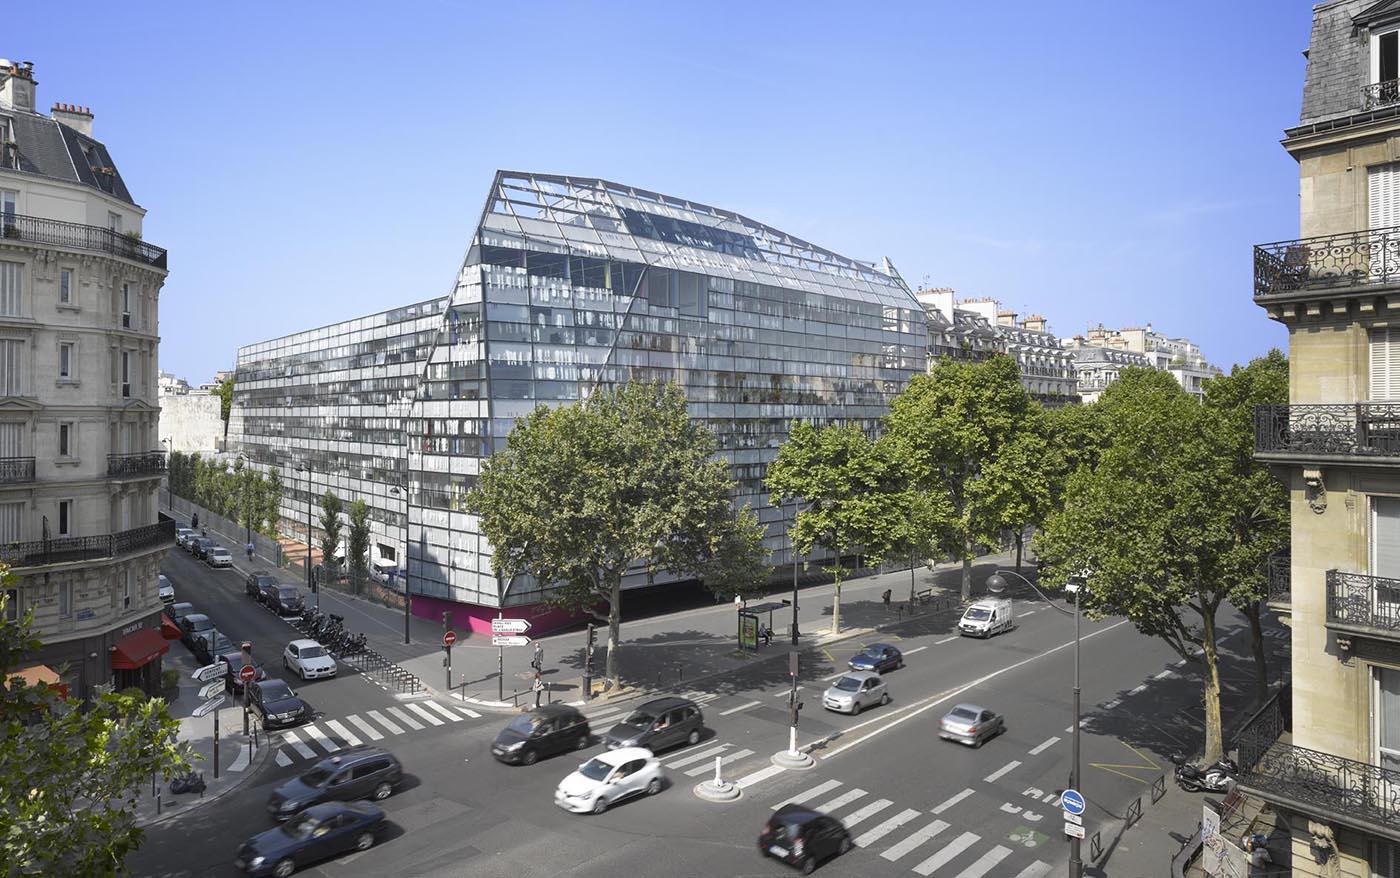 ژان نوول French Imagine Institute